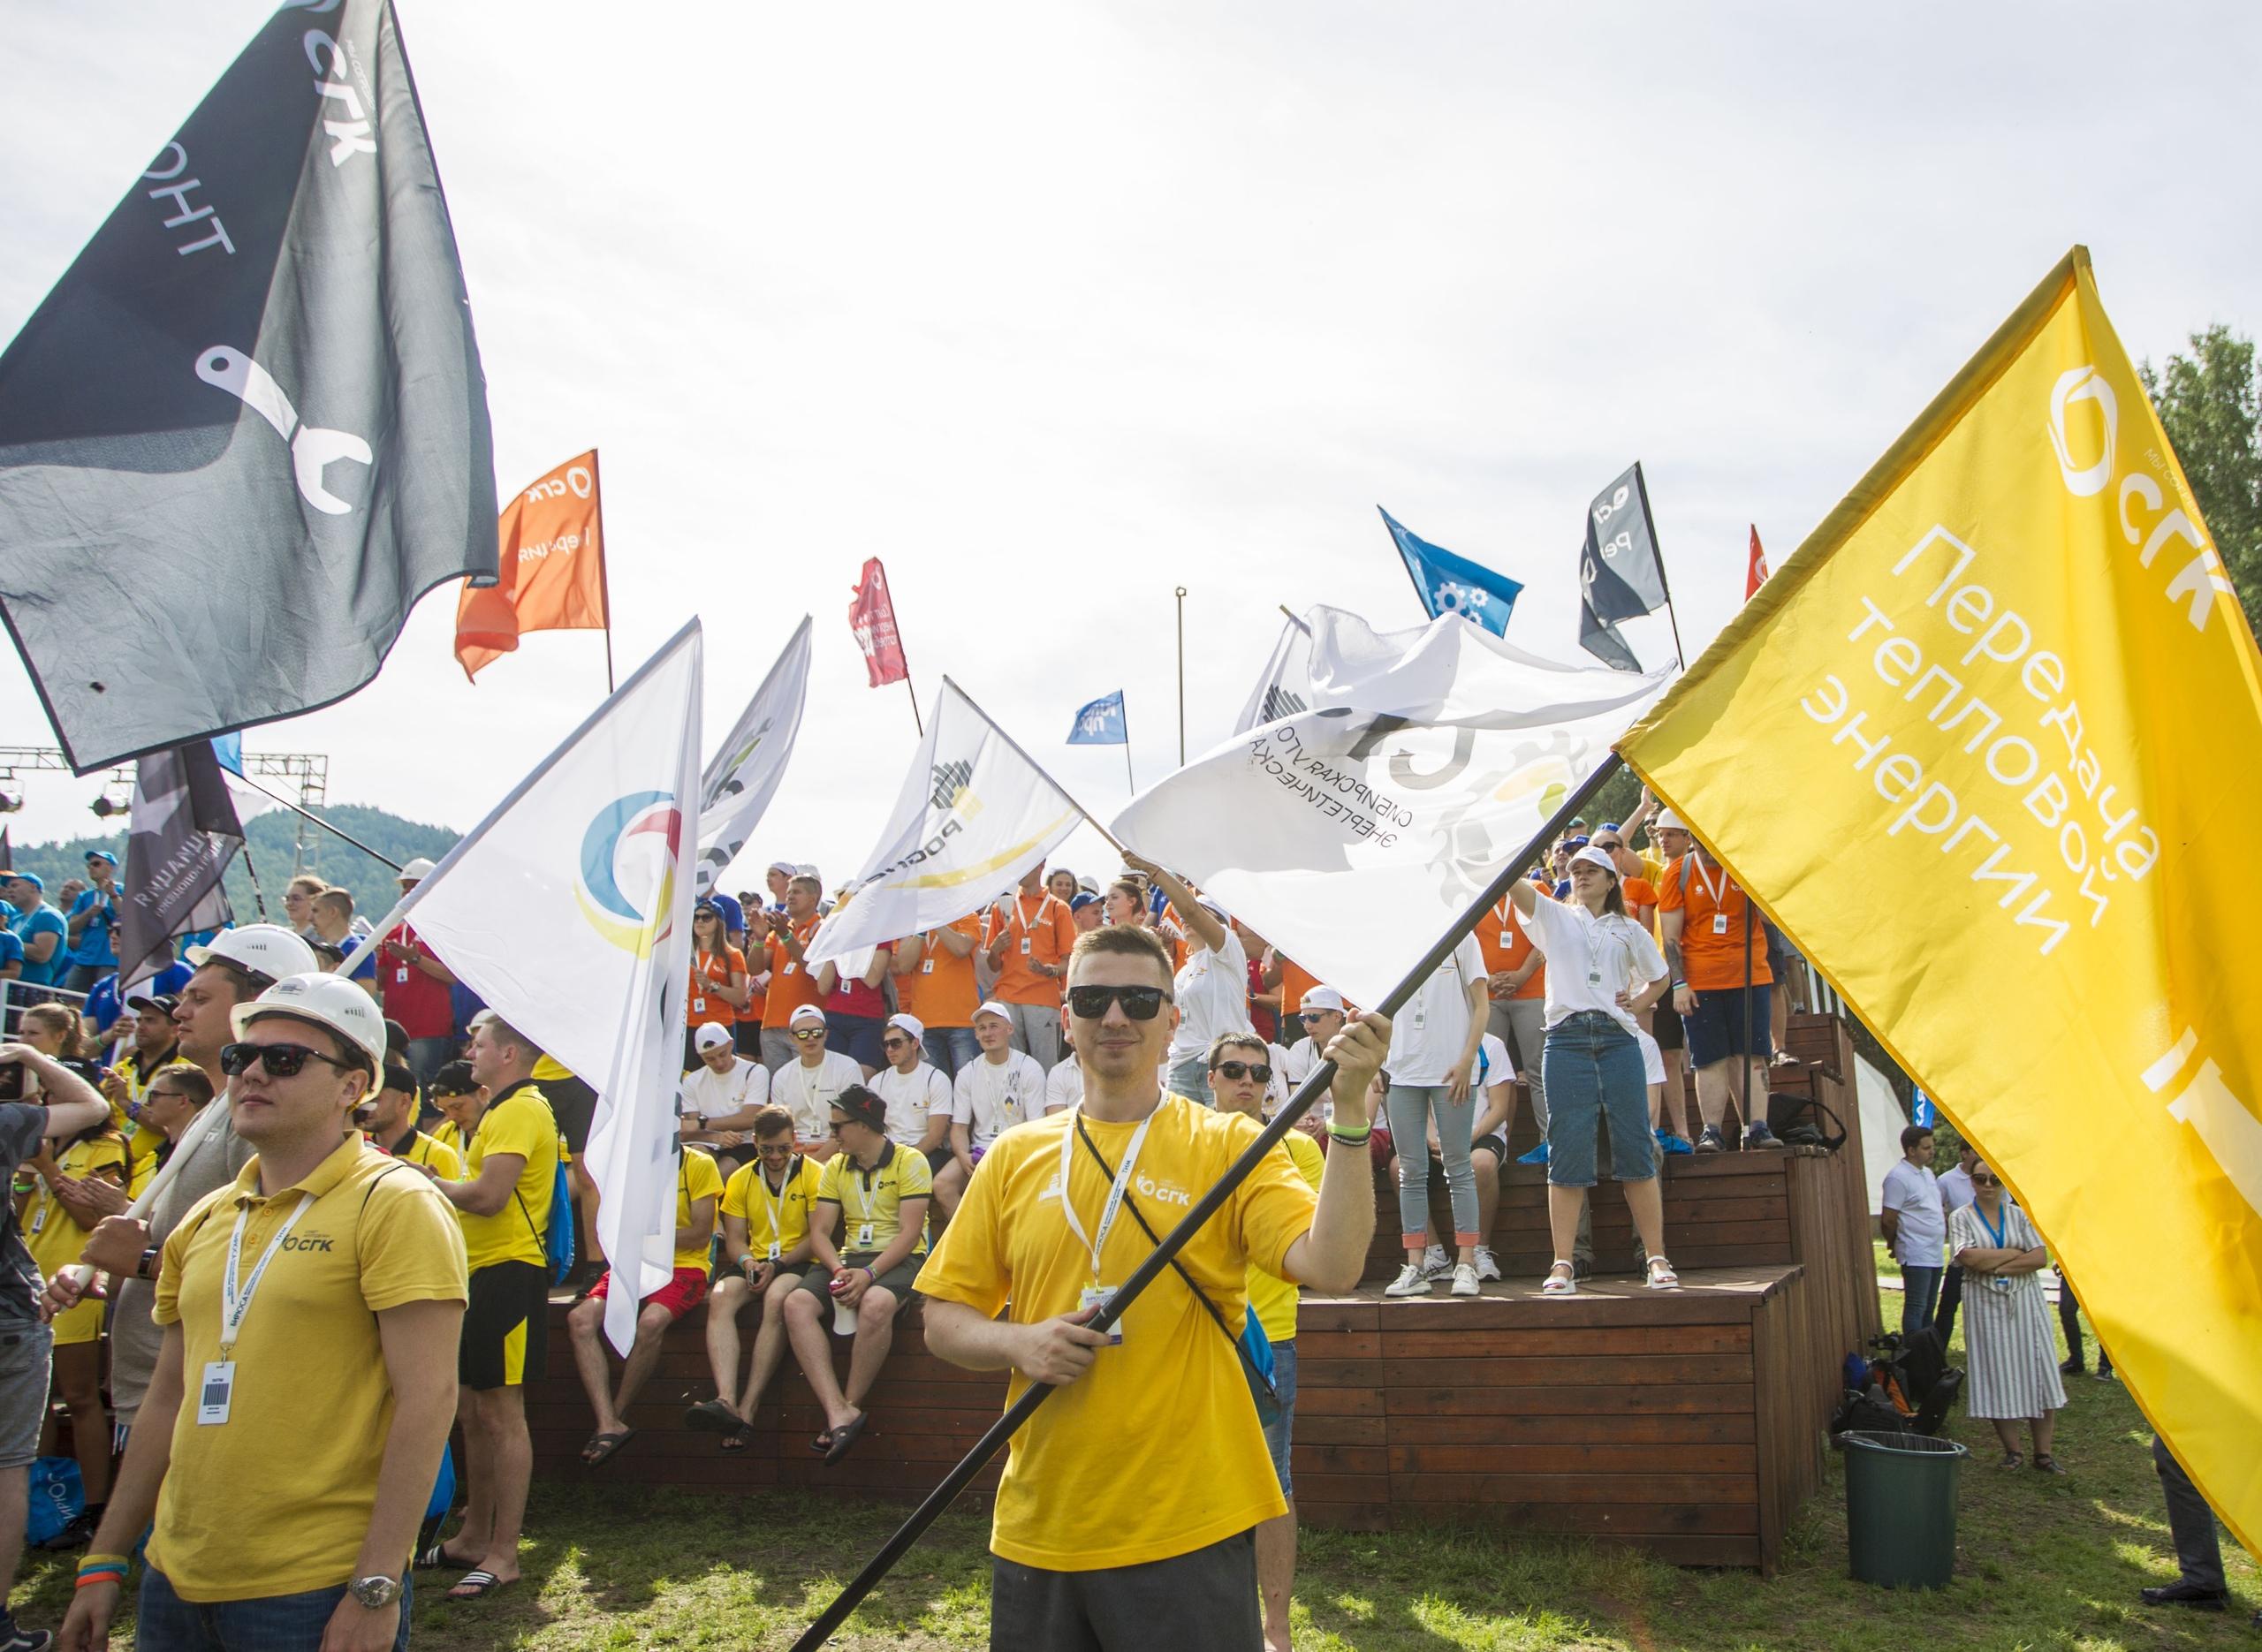 Флаги, кричалки, приветственные «дай пять!» - так на Бирюсе встречают всех